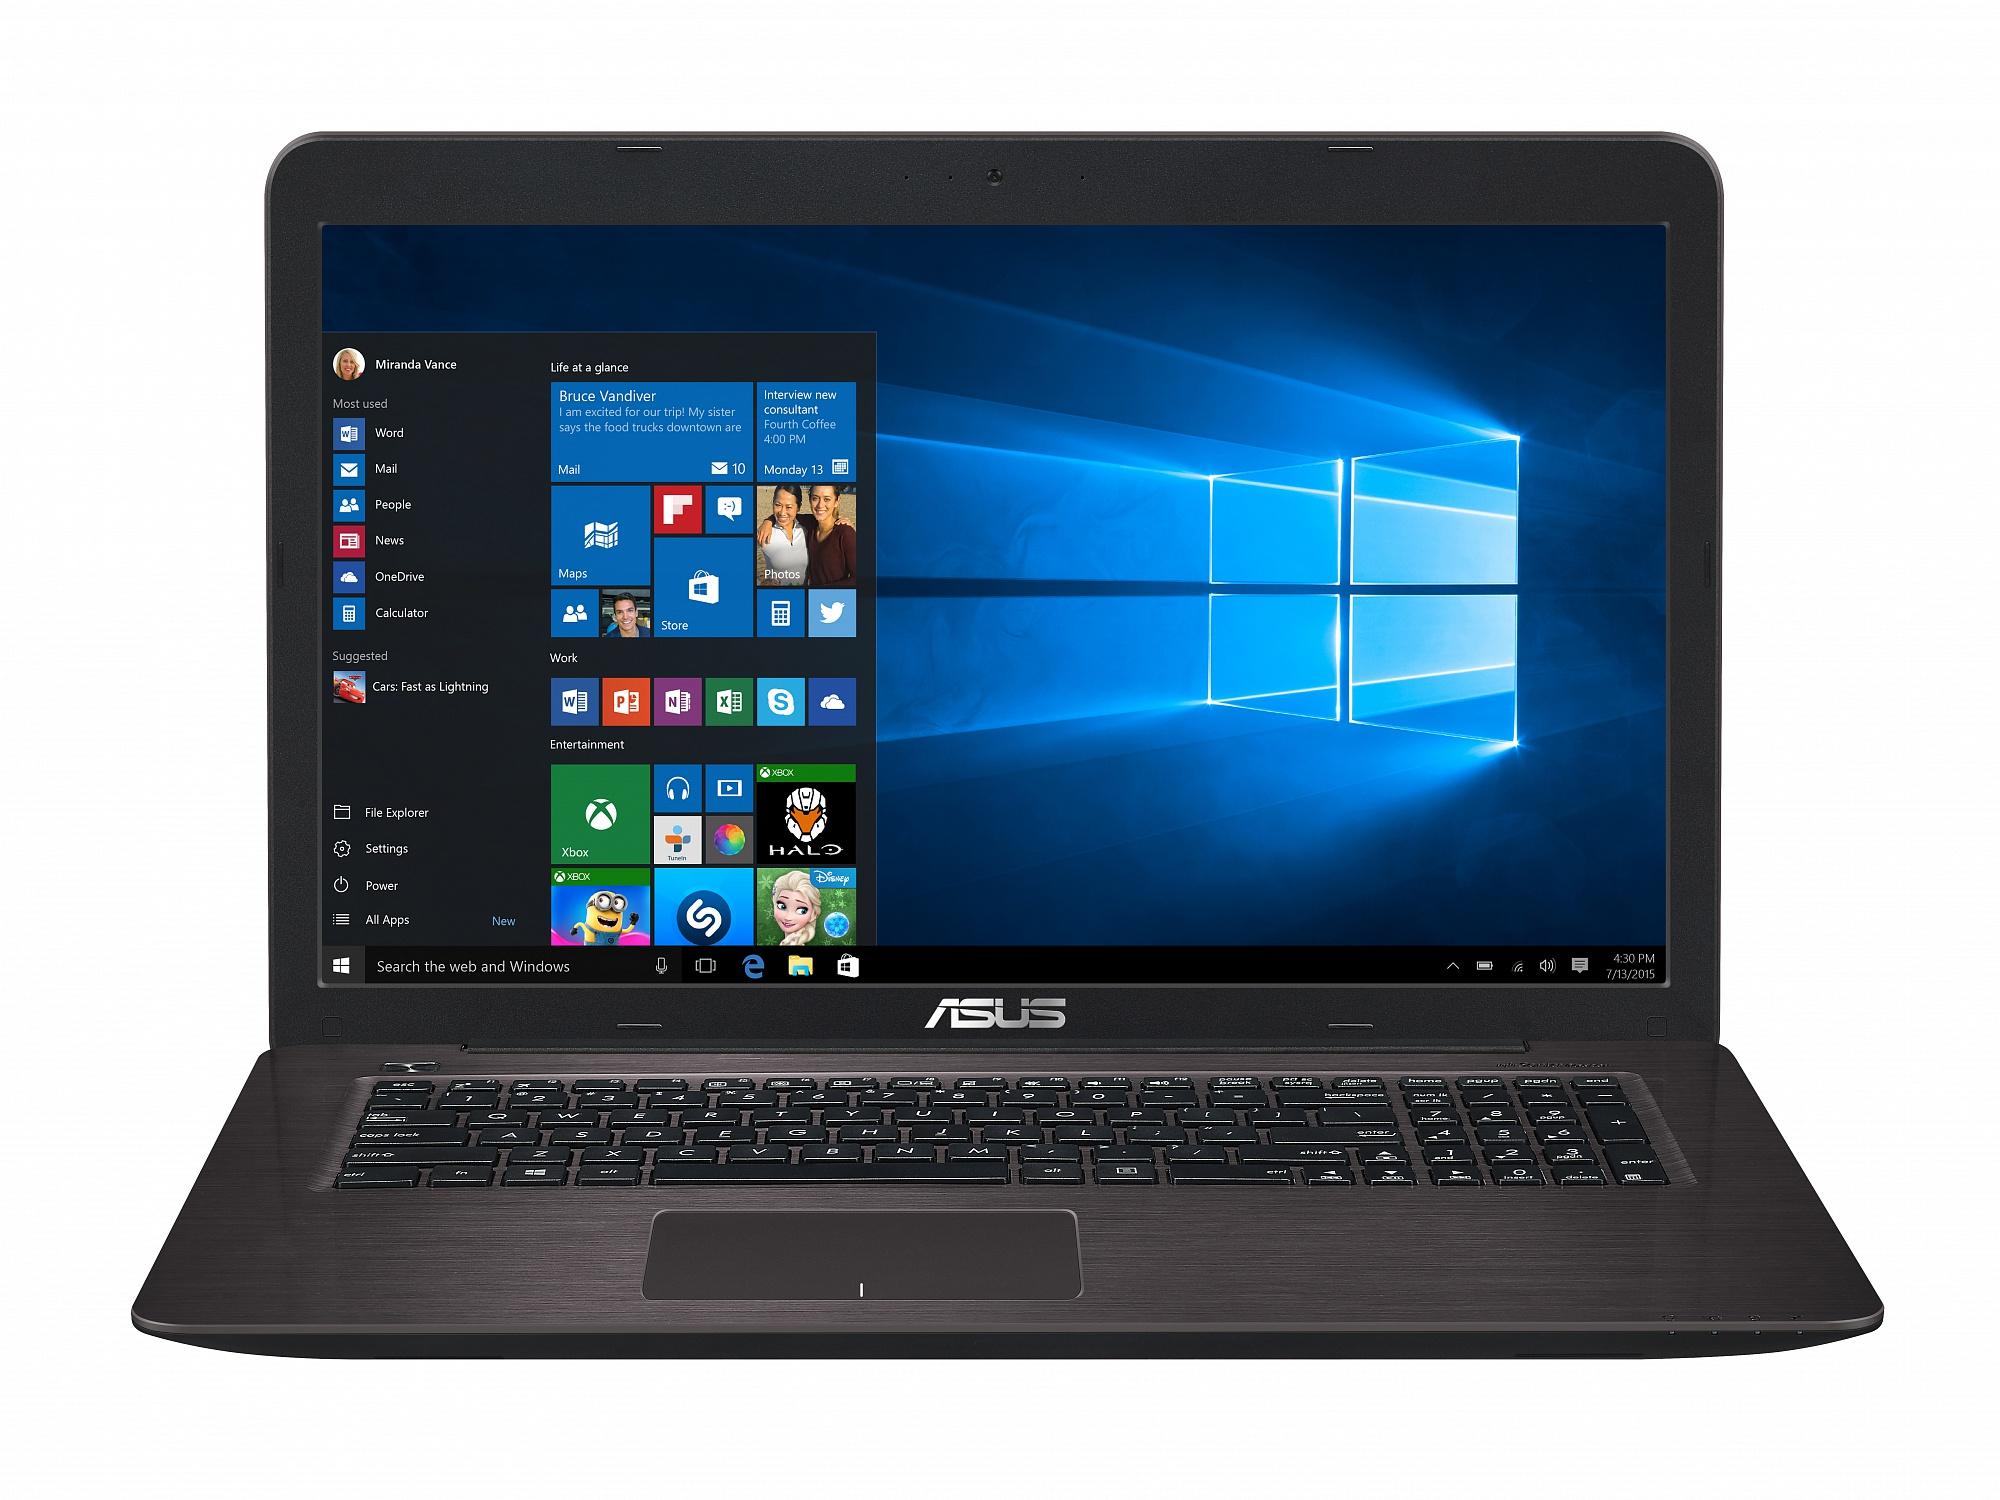 ASUS X756UV (90NB0C71-M00420) - (Intel Core i3 6100U 2300 МГц. Экран 17.3 дюймов, 1600x900, широкоформатный. ОЗУ 4 Гб DDR4 2133 МГц. Накопители HDD 1000 Гб; DVD-RW, внутренний. GPU NVIDIA GeForce 920MX. ОС Win 10 Home)